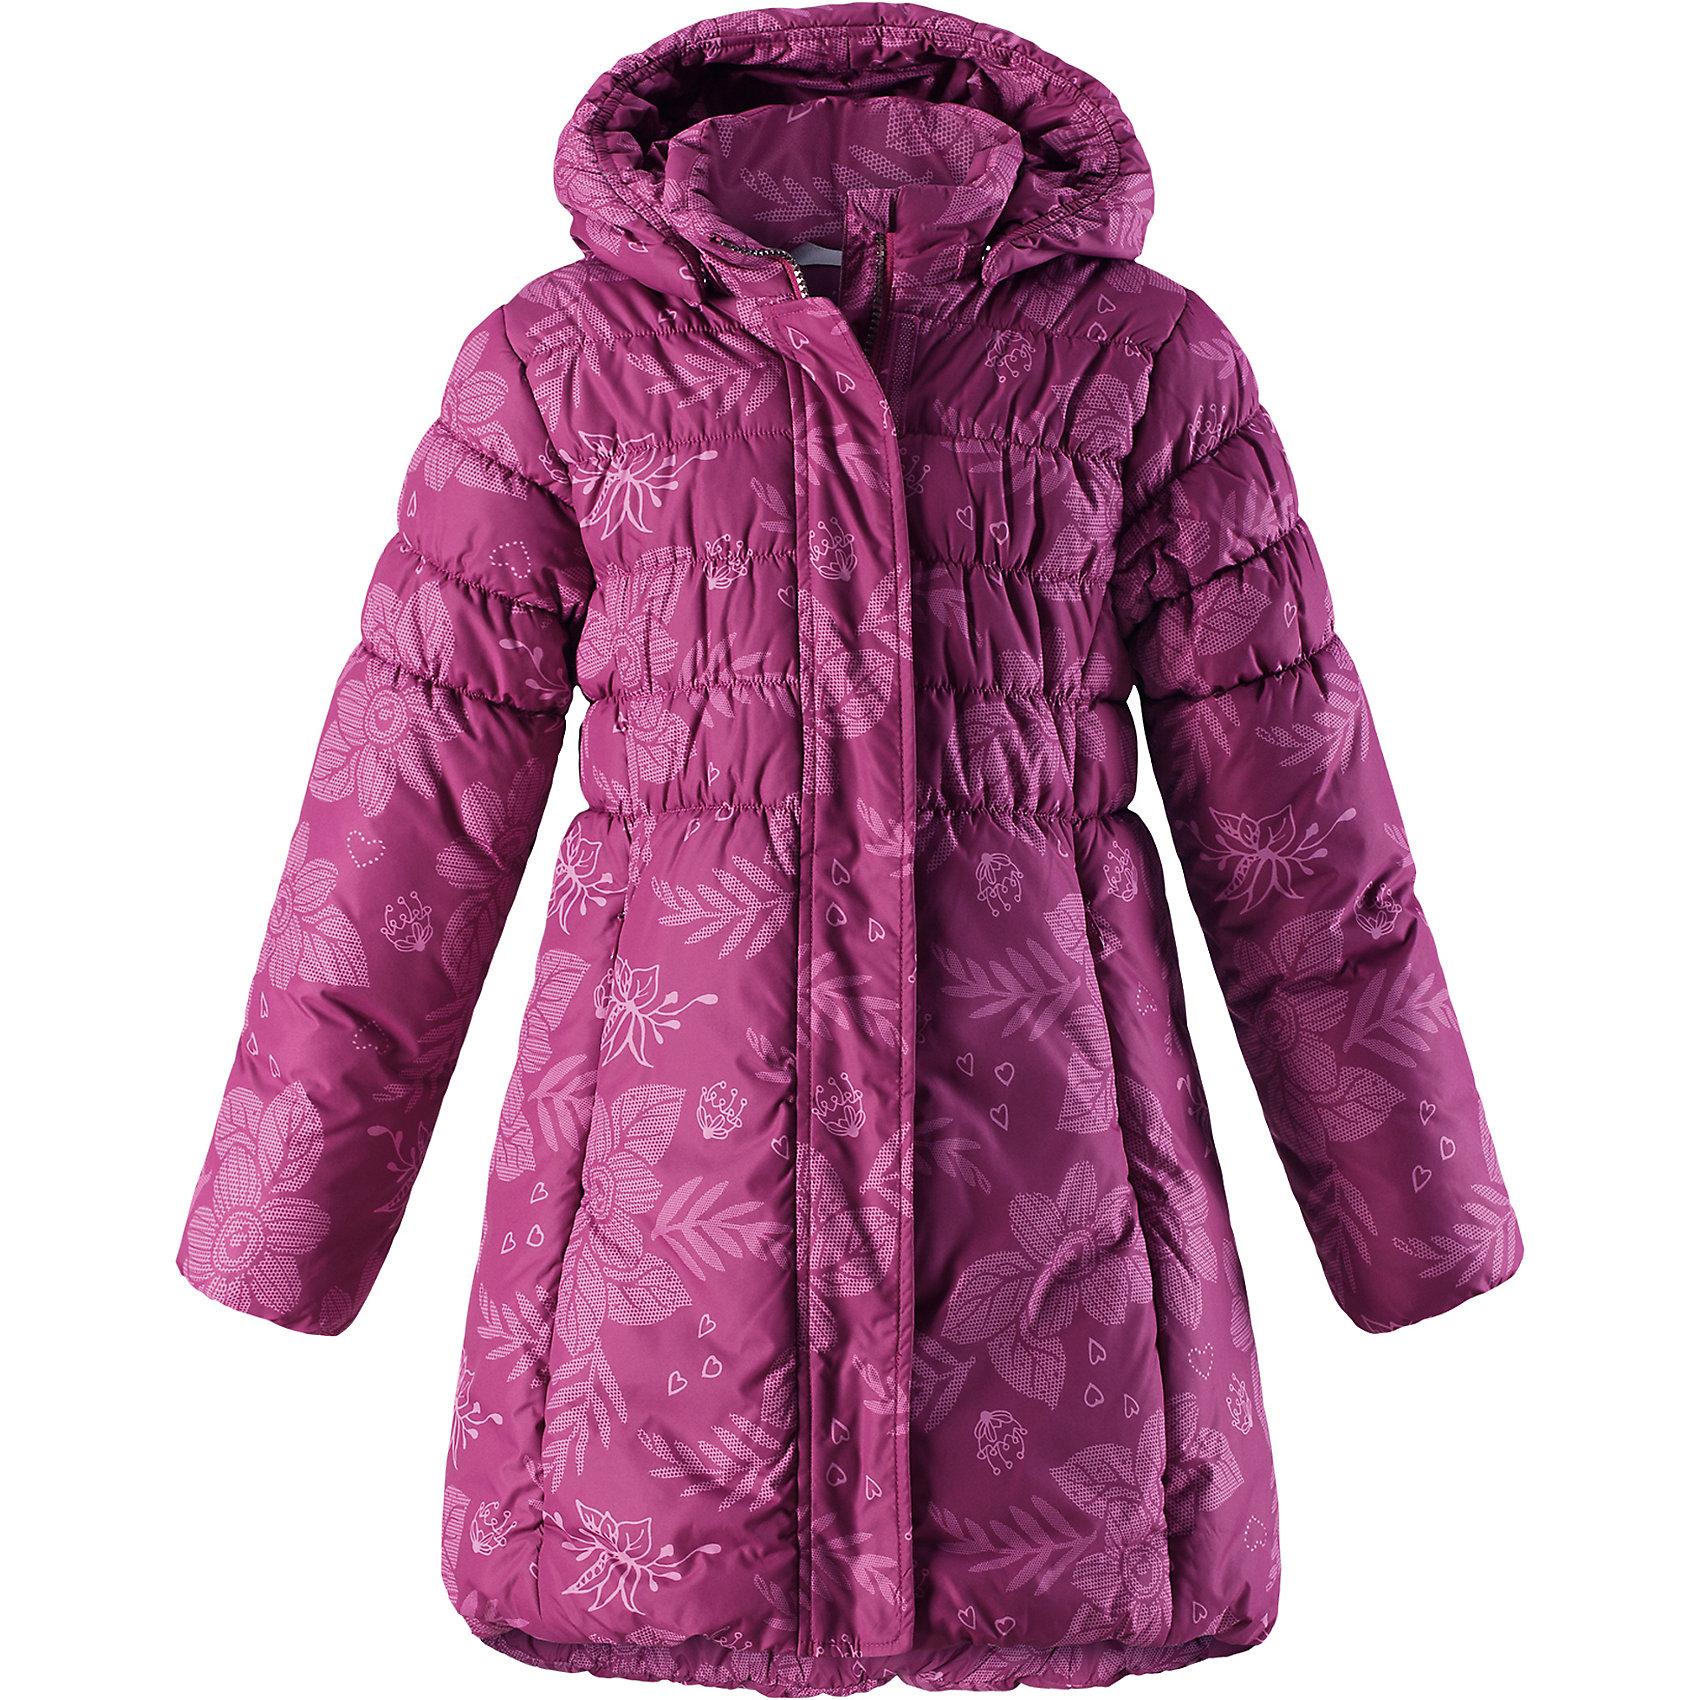 Пальто Lassie для девочкиОдежда<br>В этой прекрасной детской зимней куртке дети будут так хорошо выглядеть, а еще им будет очень тепло! Удлиненная модель для девочек с эластичными сборками на подоле и на спинке. Куртка изготовлена из ветронепроницаемого, дышащего материала с верхним водо- и грязеотталкивающим слоем – в ней будет тепло и комфортно во время веселых прогулок. Образ дополняют полезные и продуманные детали: карманы на липучках и безопасный съемный капюшон со съемной оторочкой из искусственного меха.<br>Состав:<br>100% Полиэстер<br><br>Ширина мм: 356<br>Глубина мм: 10<br>Высота мм: 245<br>Вес г: 519<br>Цвет: розовый<br>Возраст от месяцев: 108<br>Возраст до месяцев: 120<br>Пол: Женский<br>Возраст: Детский<br>Размер: 140,92,98,104,110,116,122,128,134<br>SKU: 6927591